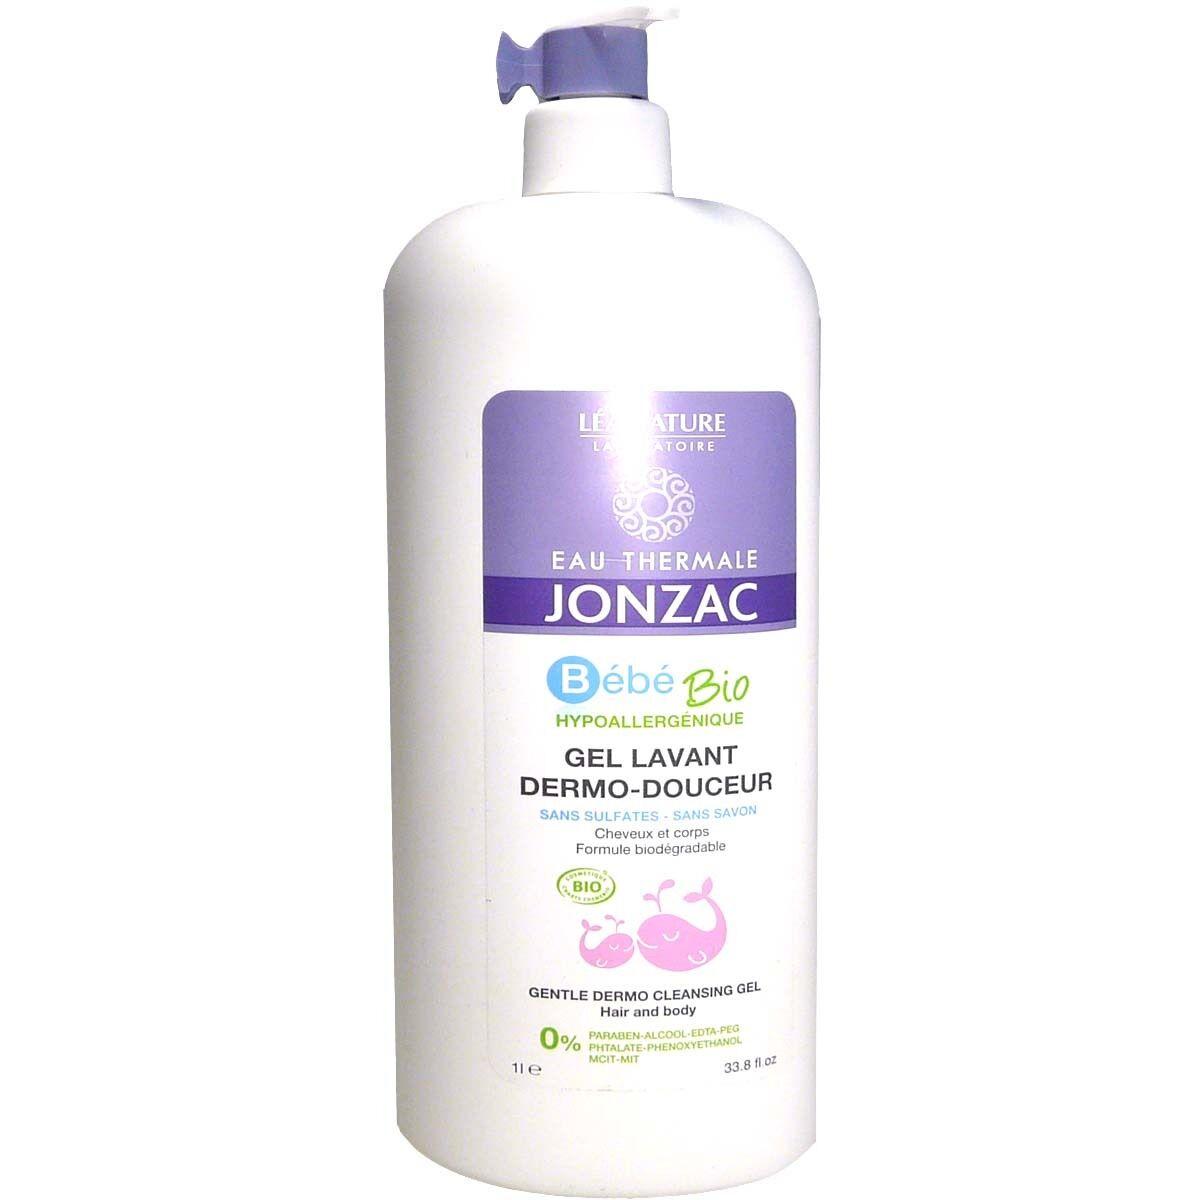 Jonzac bebe bio gel lavant dermo-douceur 1l